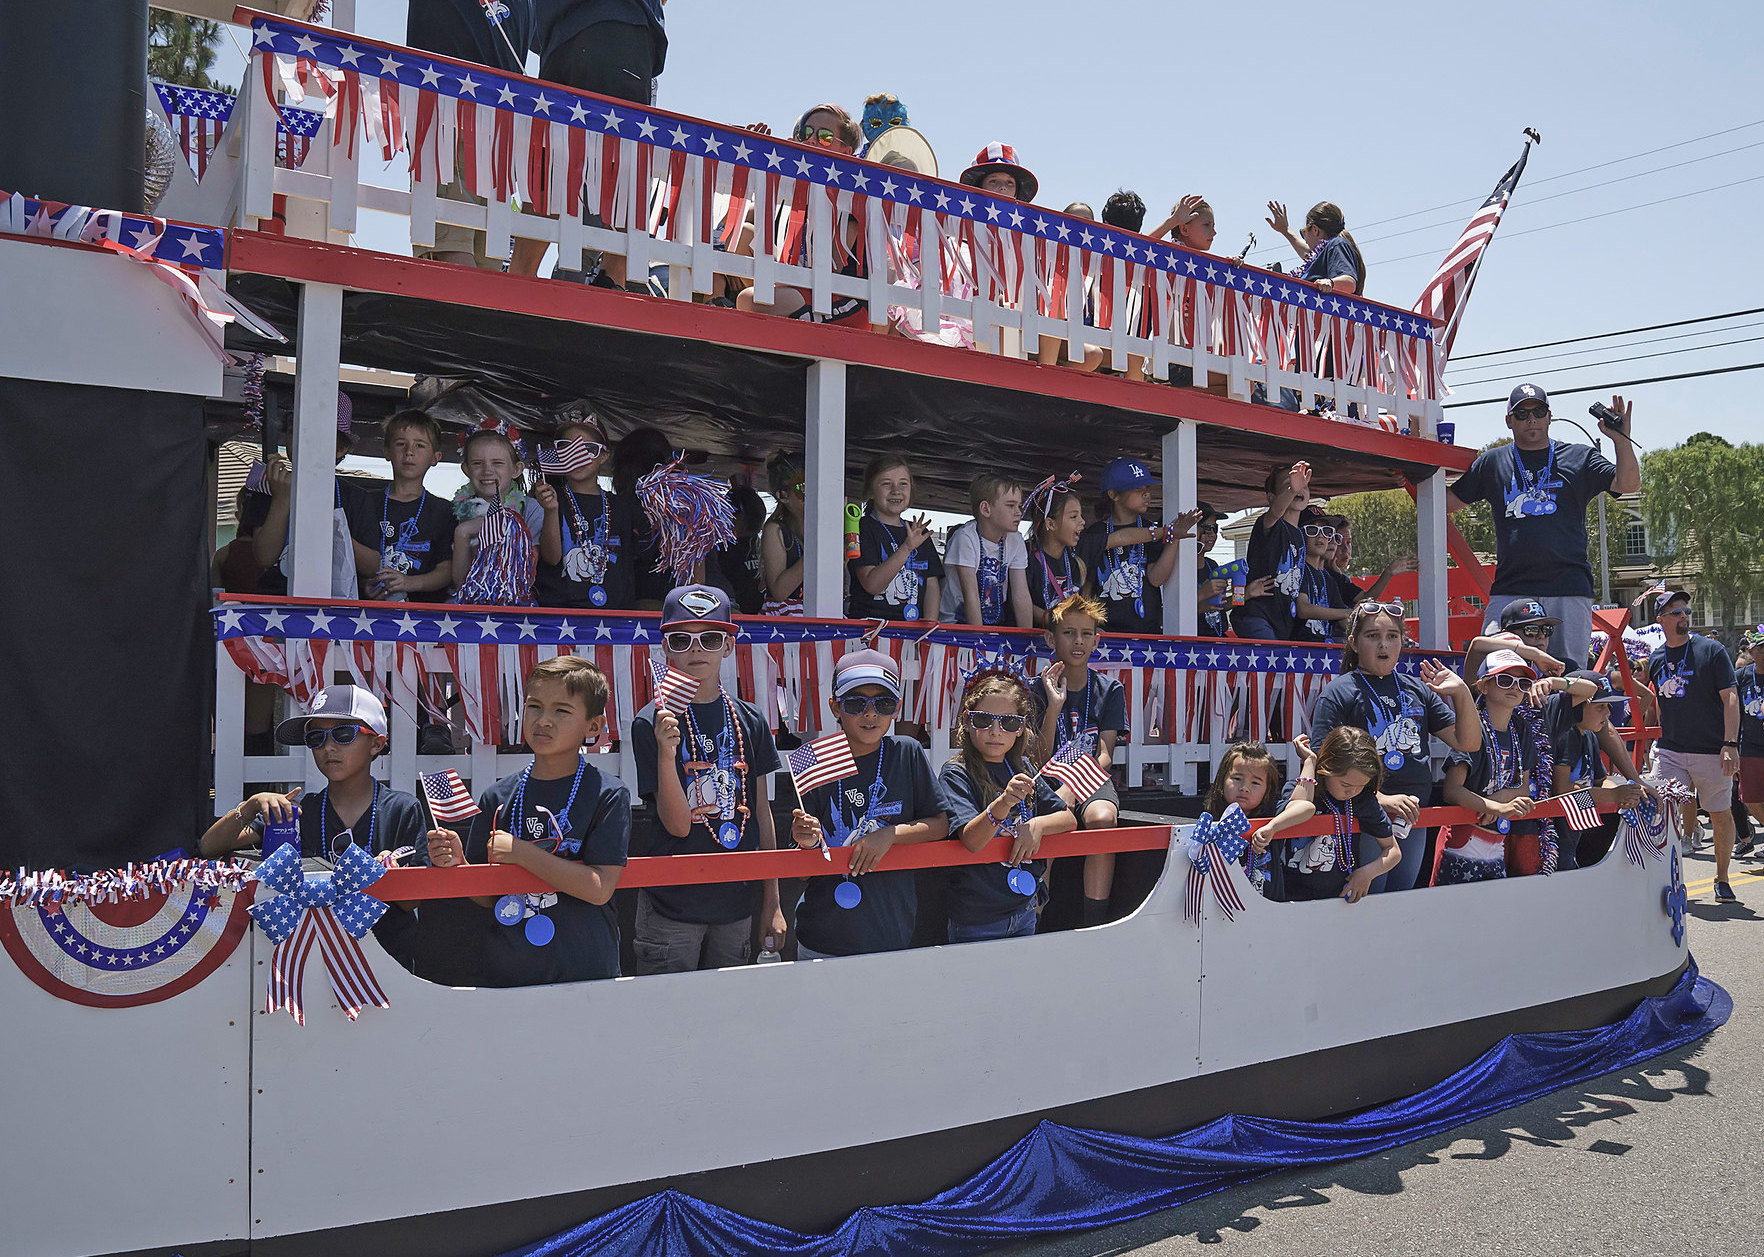 LAX Coastal 4th of July Parade